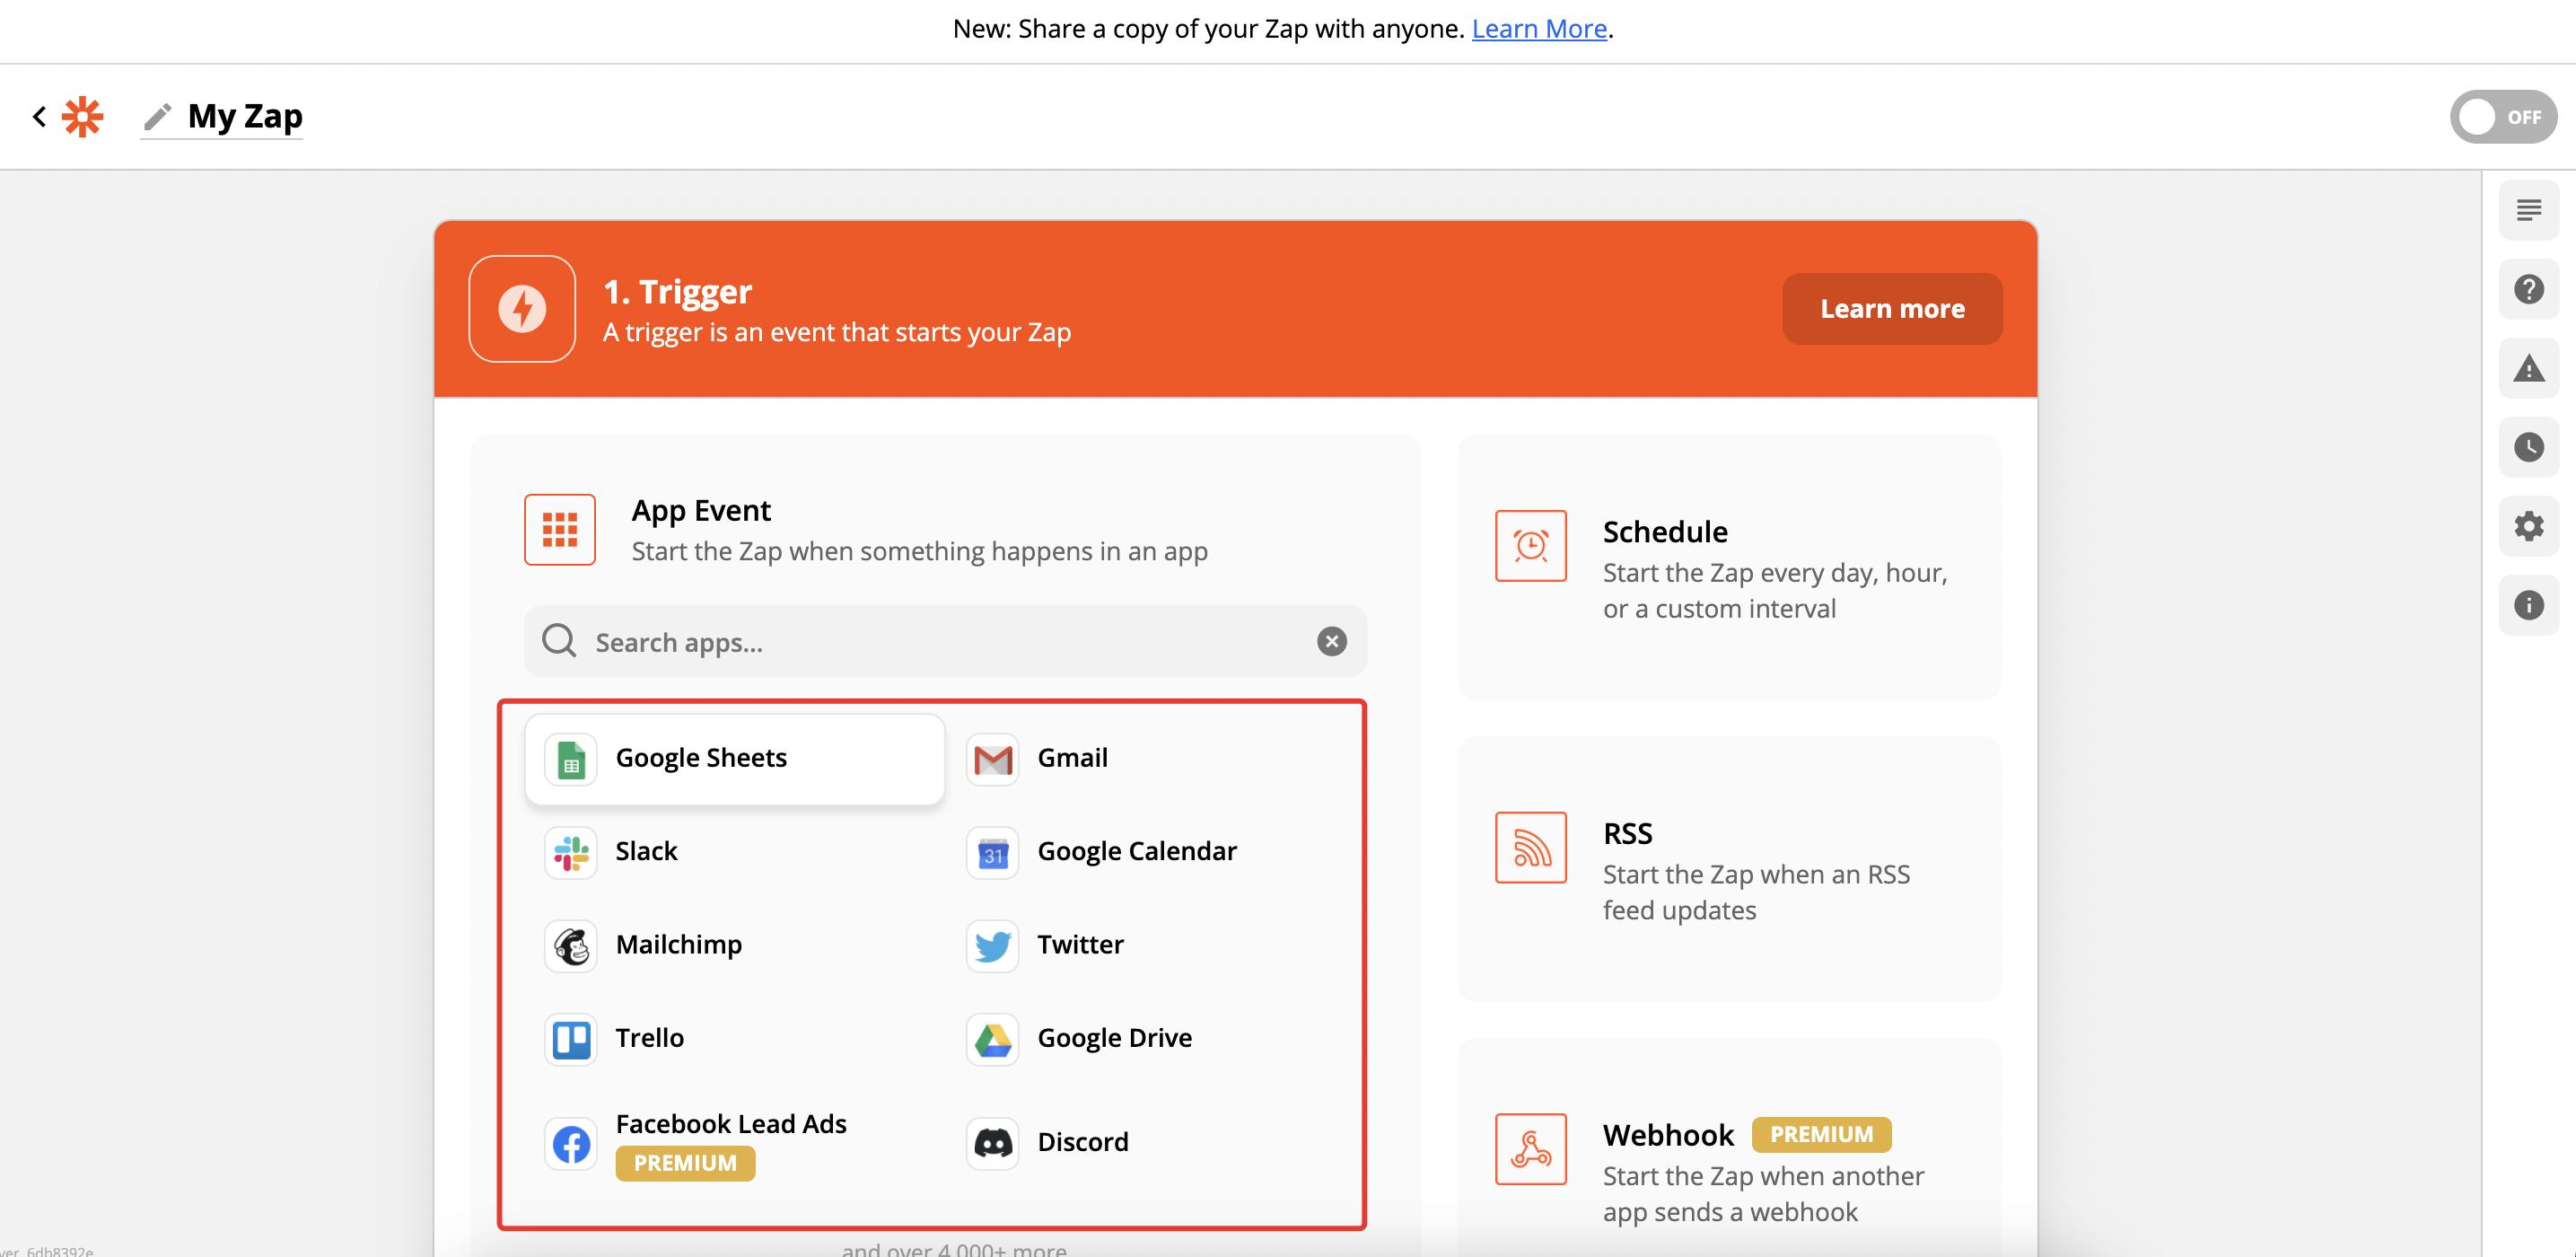 Select Messaggio data transfer app